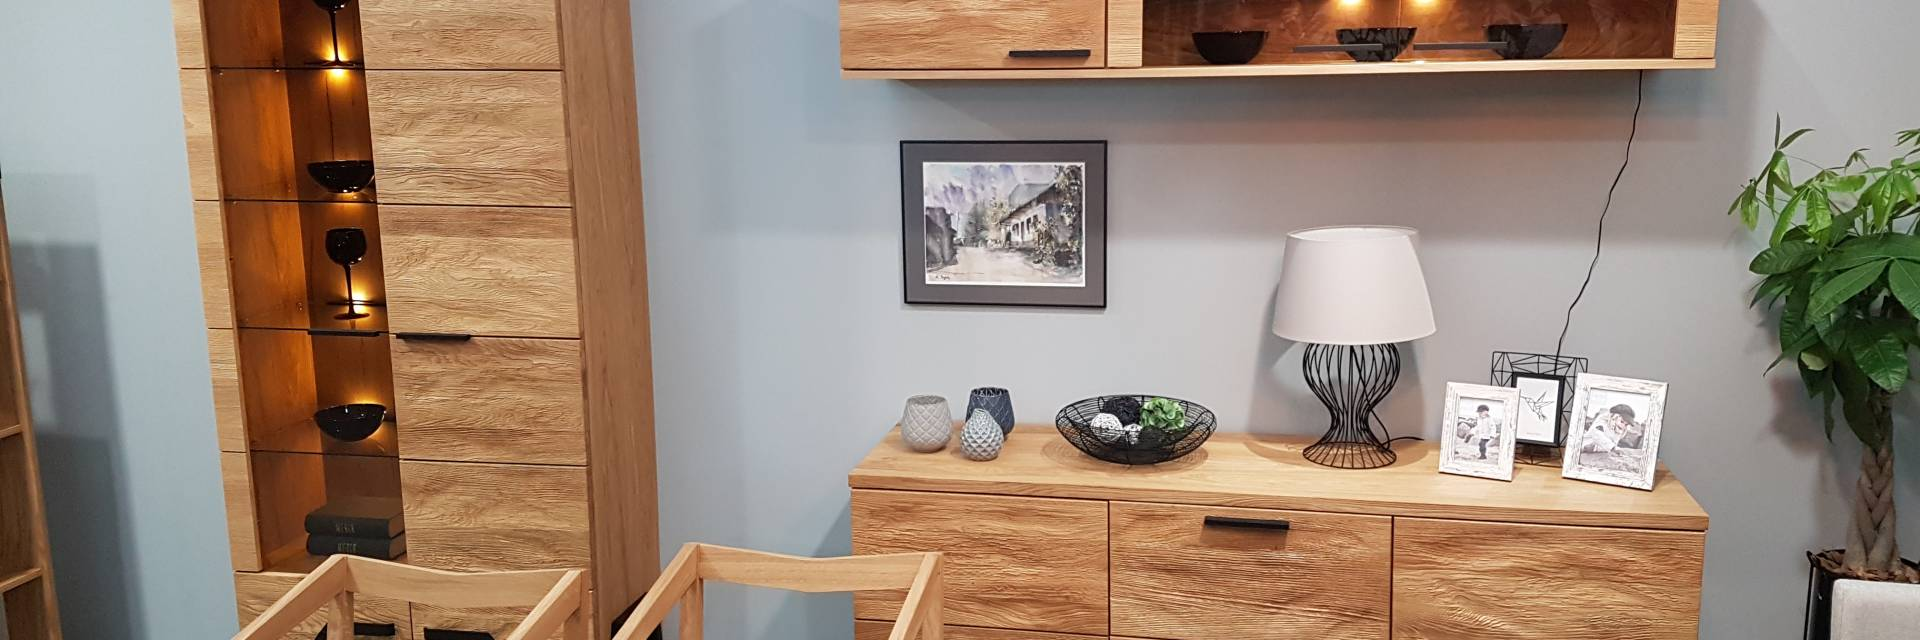 kolekcja pik mebin 2019